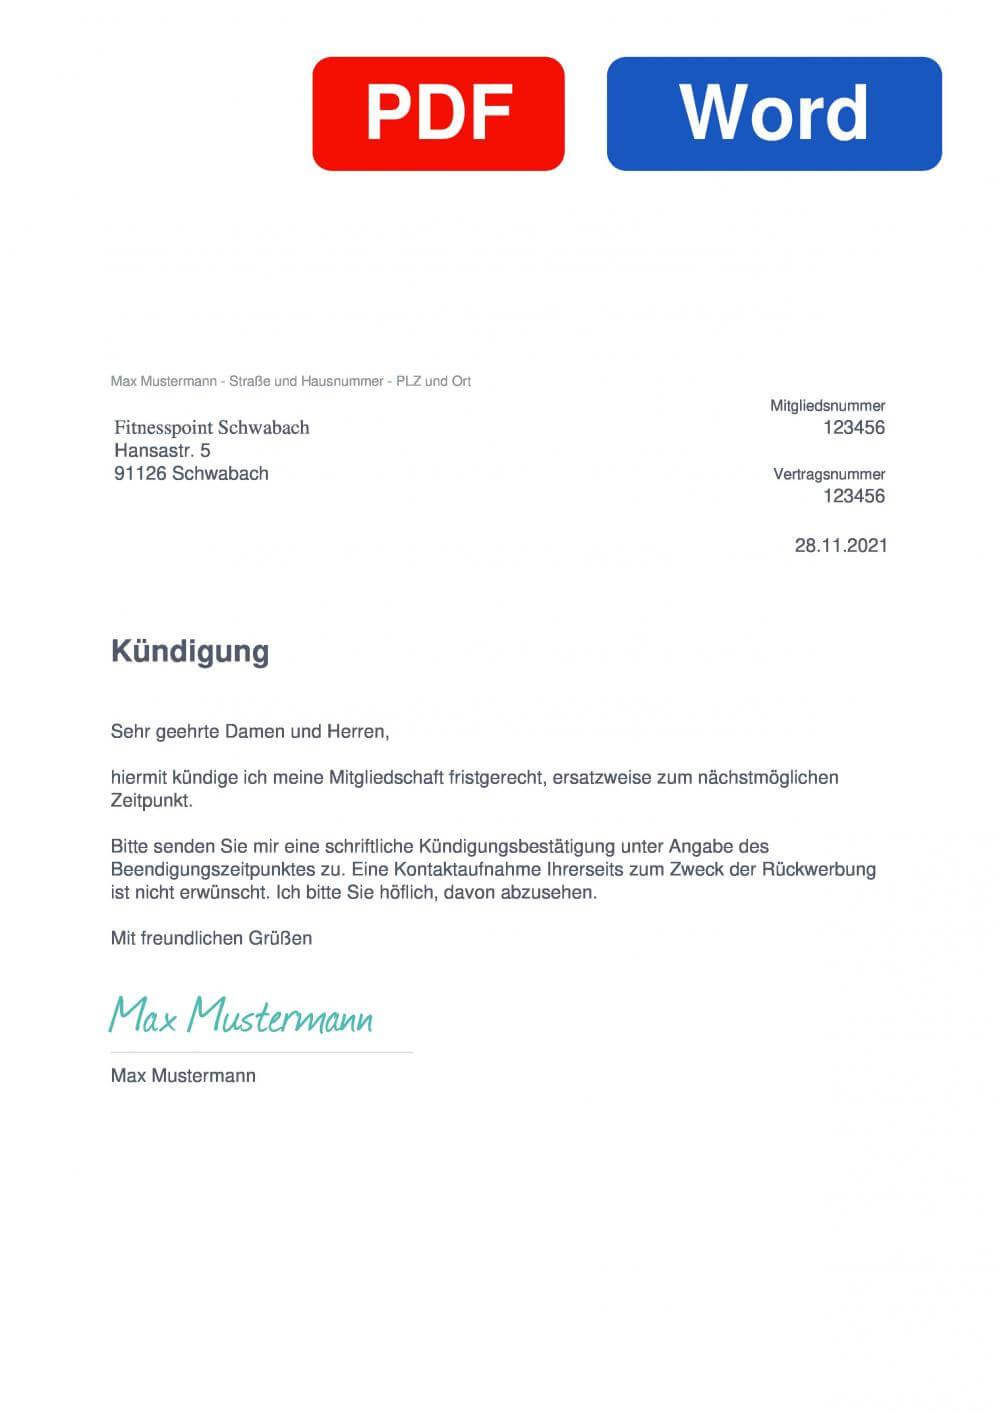 Fitnesspoint Schwabach Muster Vorlage für Kündigungsschreiben